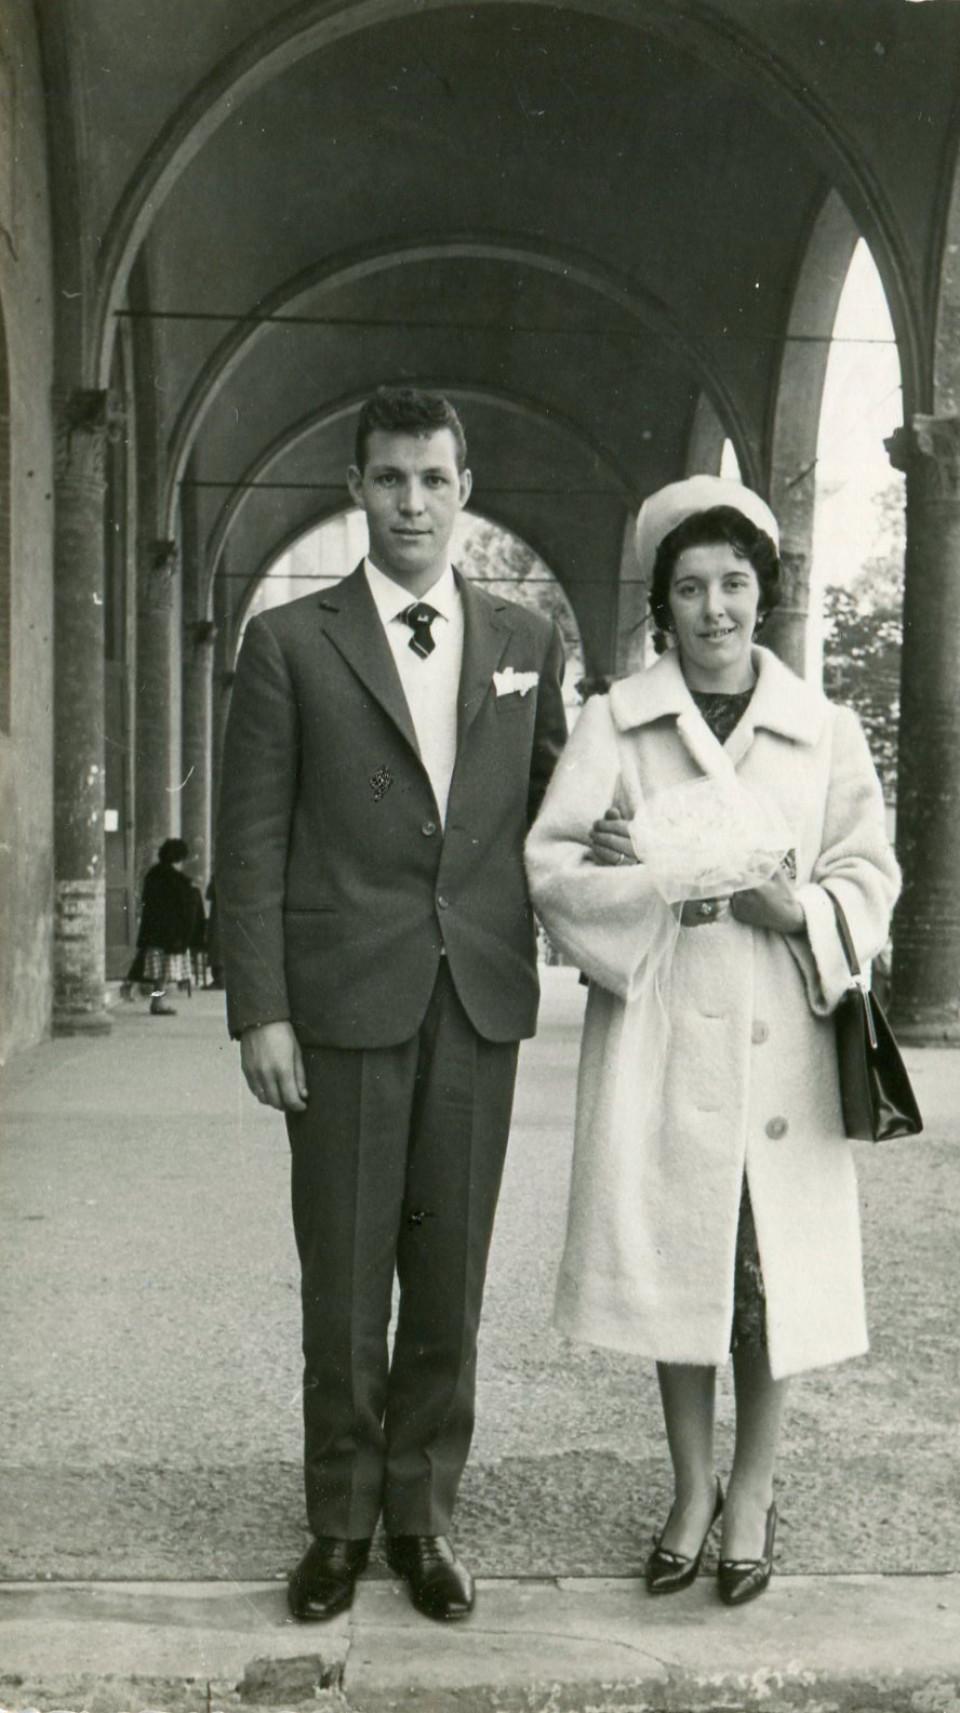 Matrimonio di Marta Nanetti e Nereo Marcanti, 1959